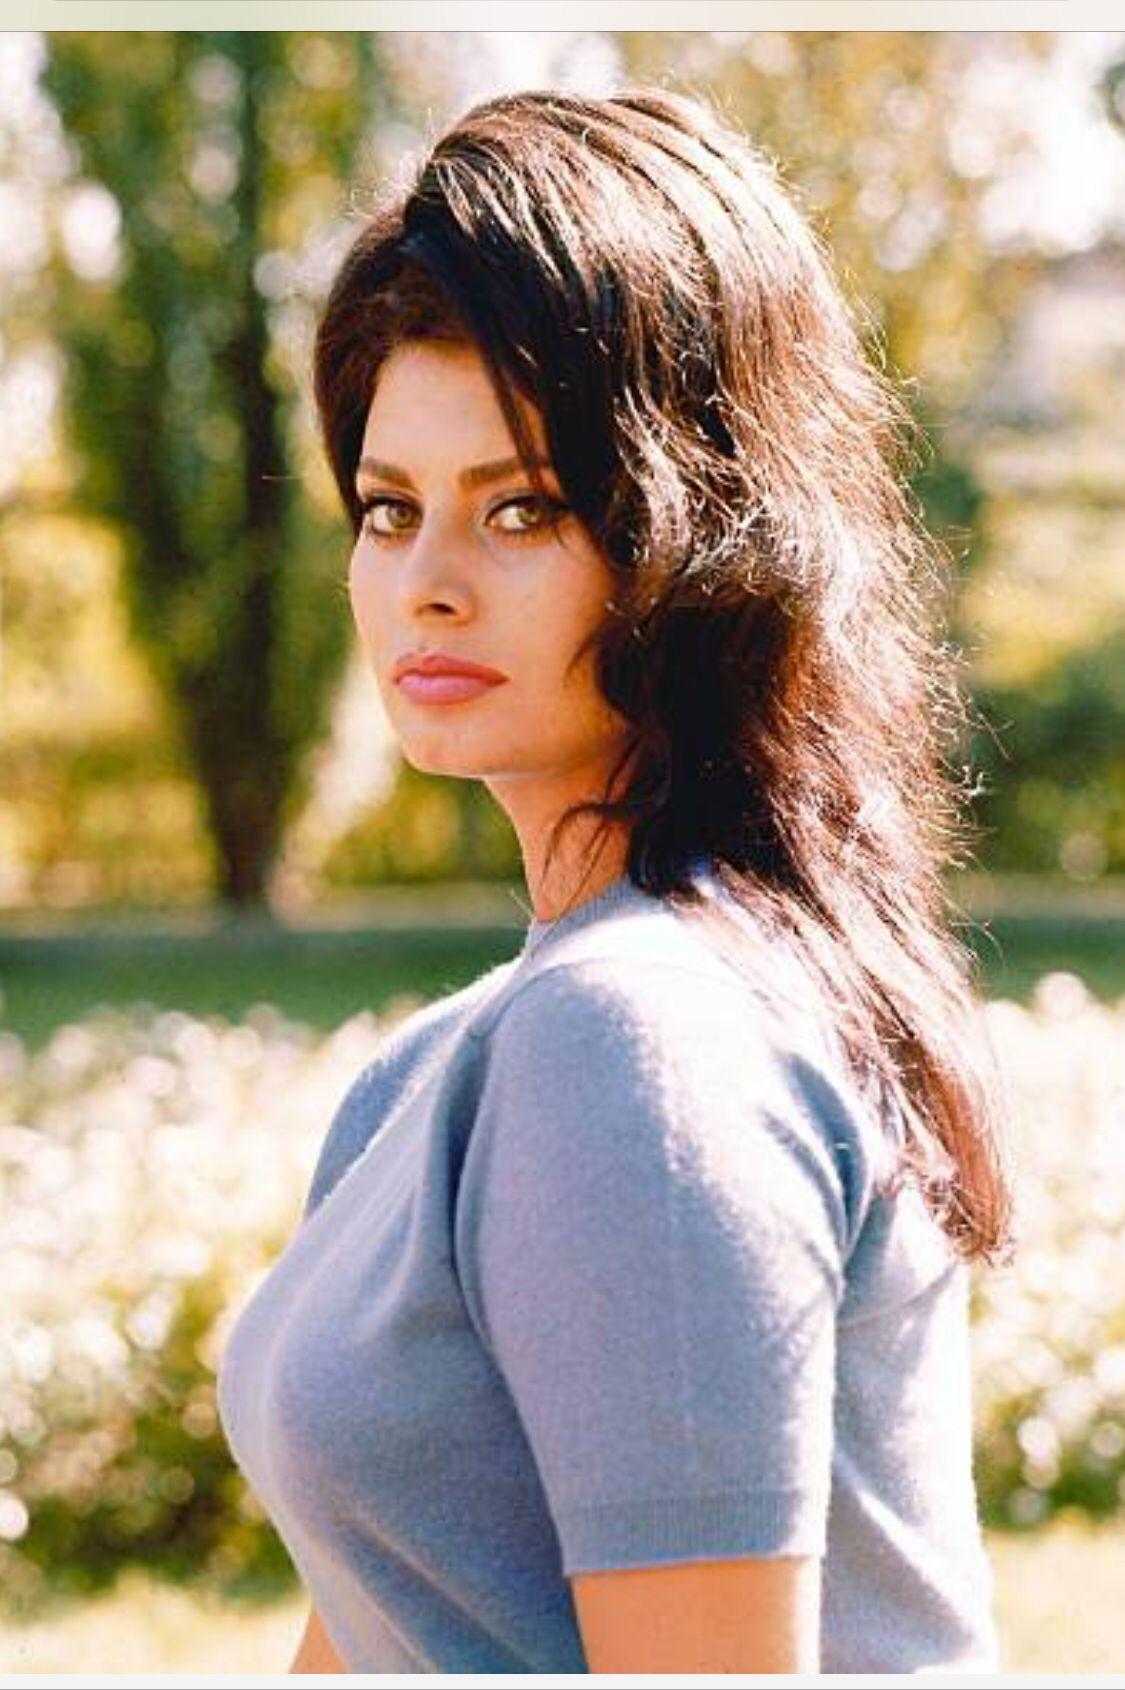 Sophia Loren Sophia Loren Images Sophia Loren Italian Actress